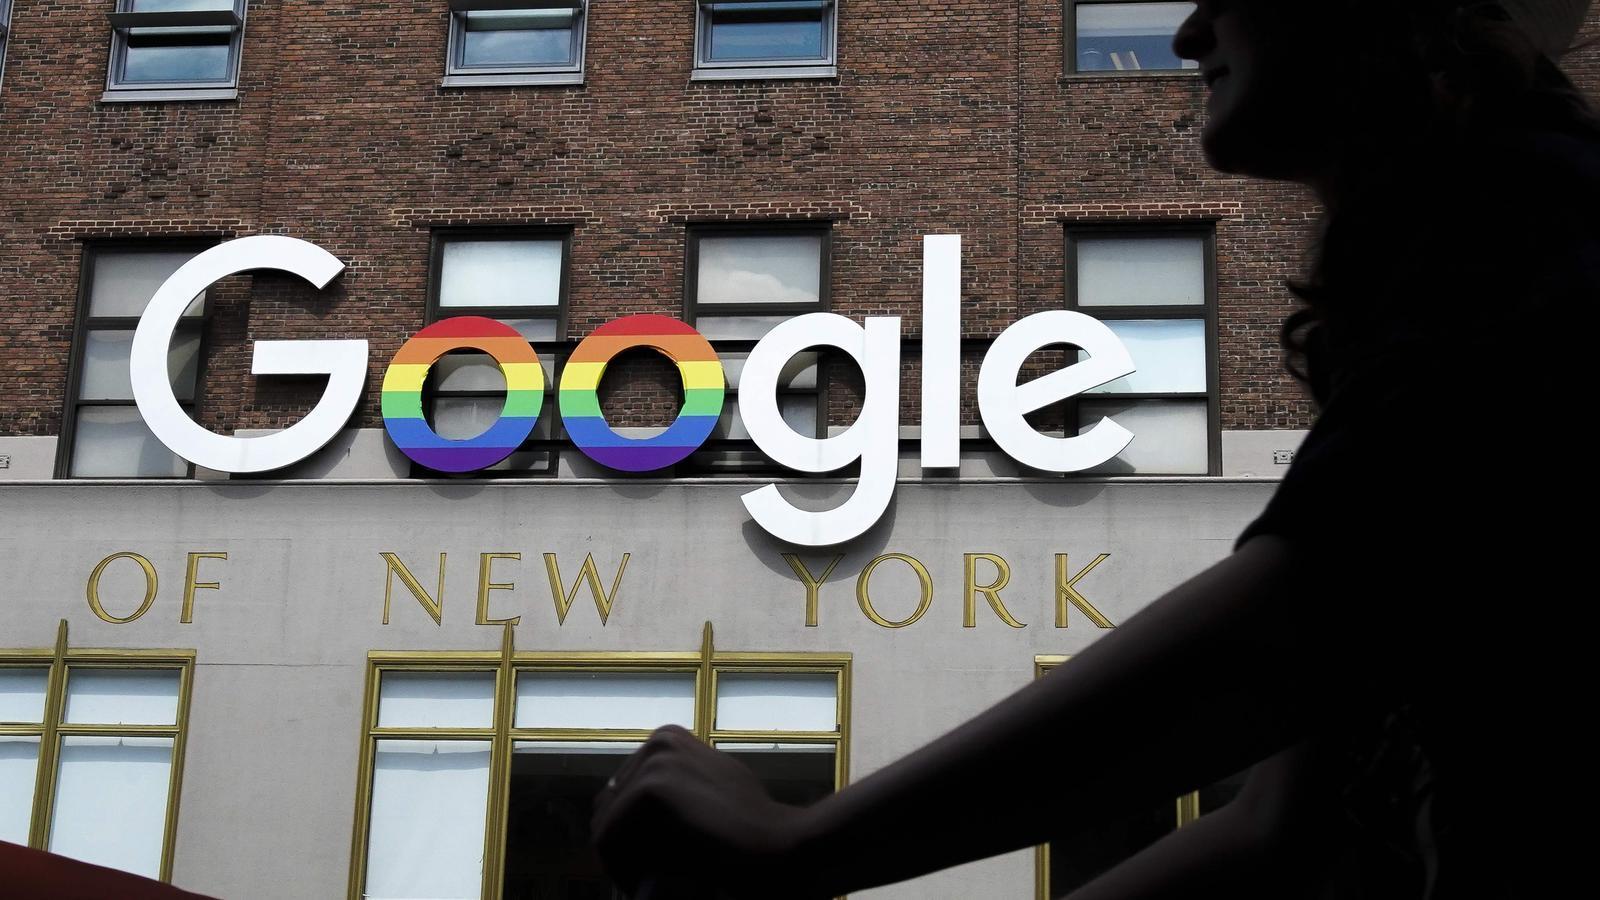 Google destina 6,3 milions de dòlars a finançar verificadors d'informació sobre el coronavirus